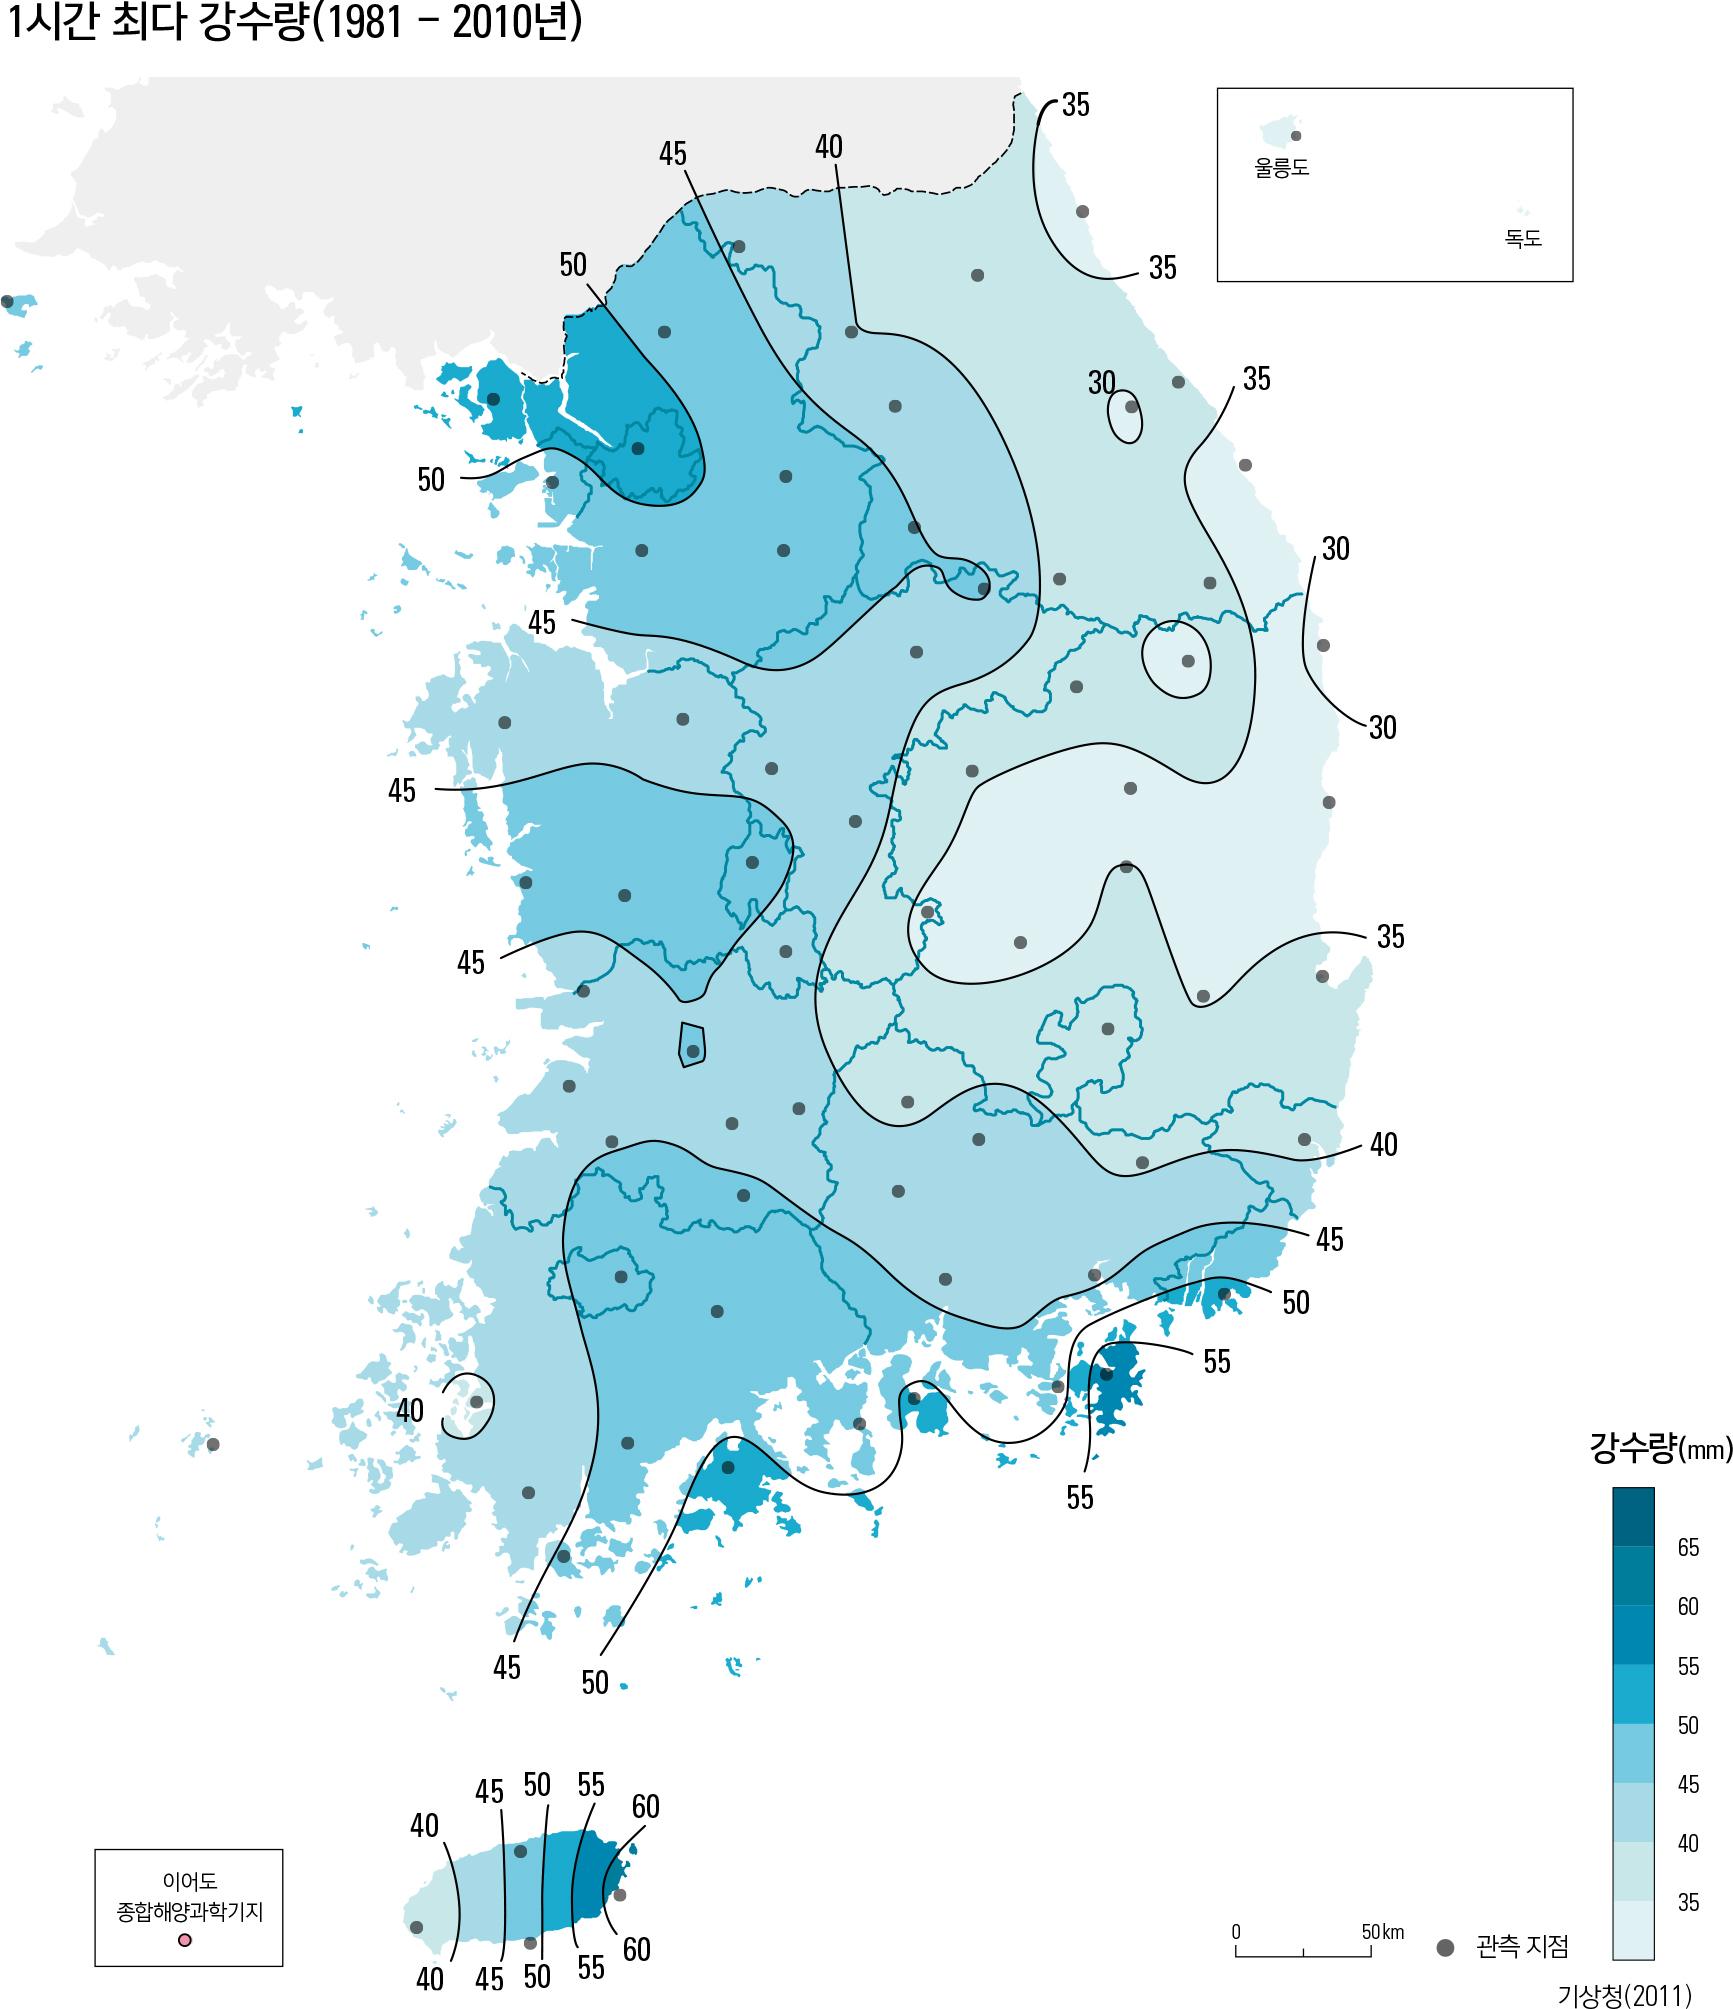 1시간 최다 강수량(1981 - 2010년)